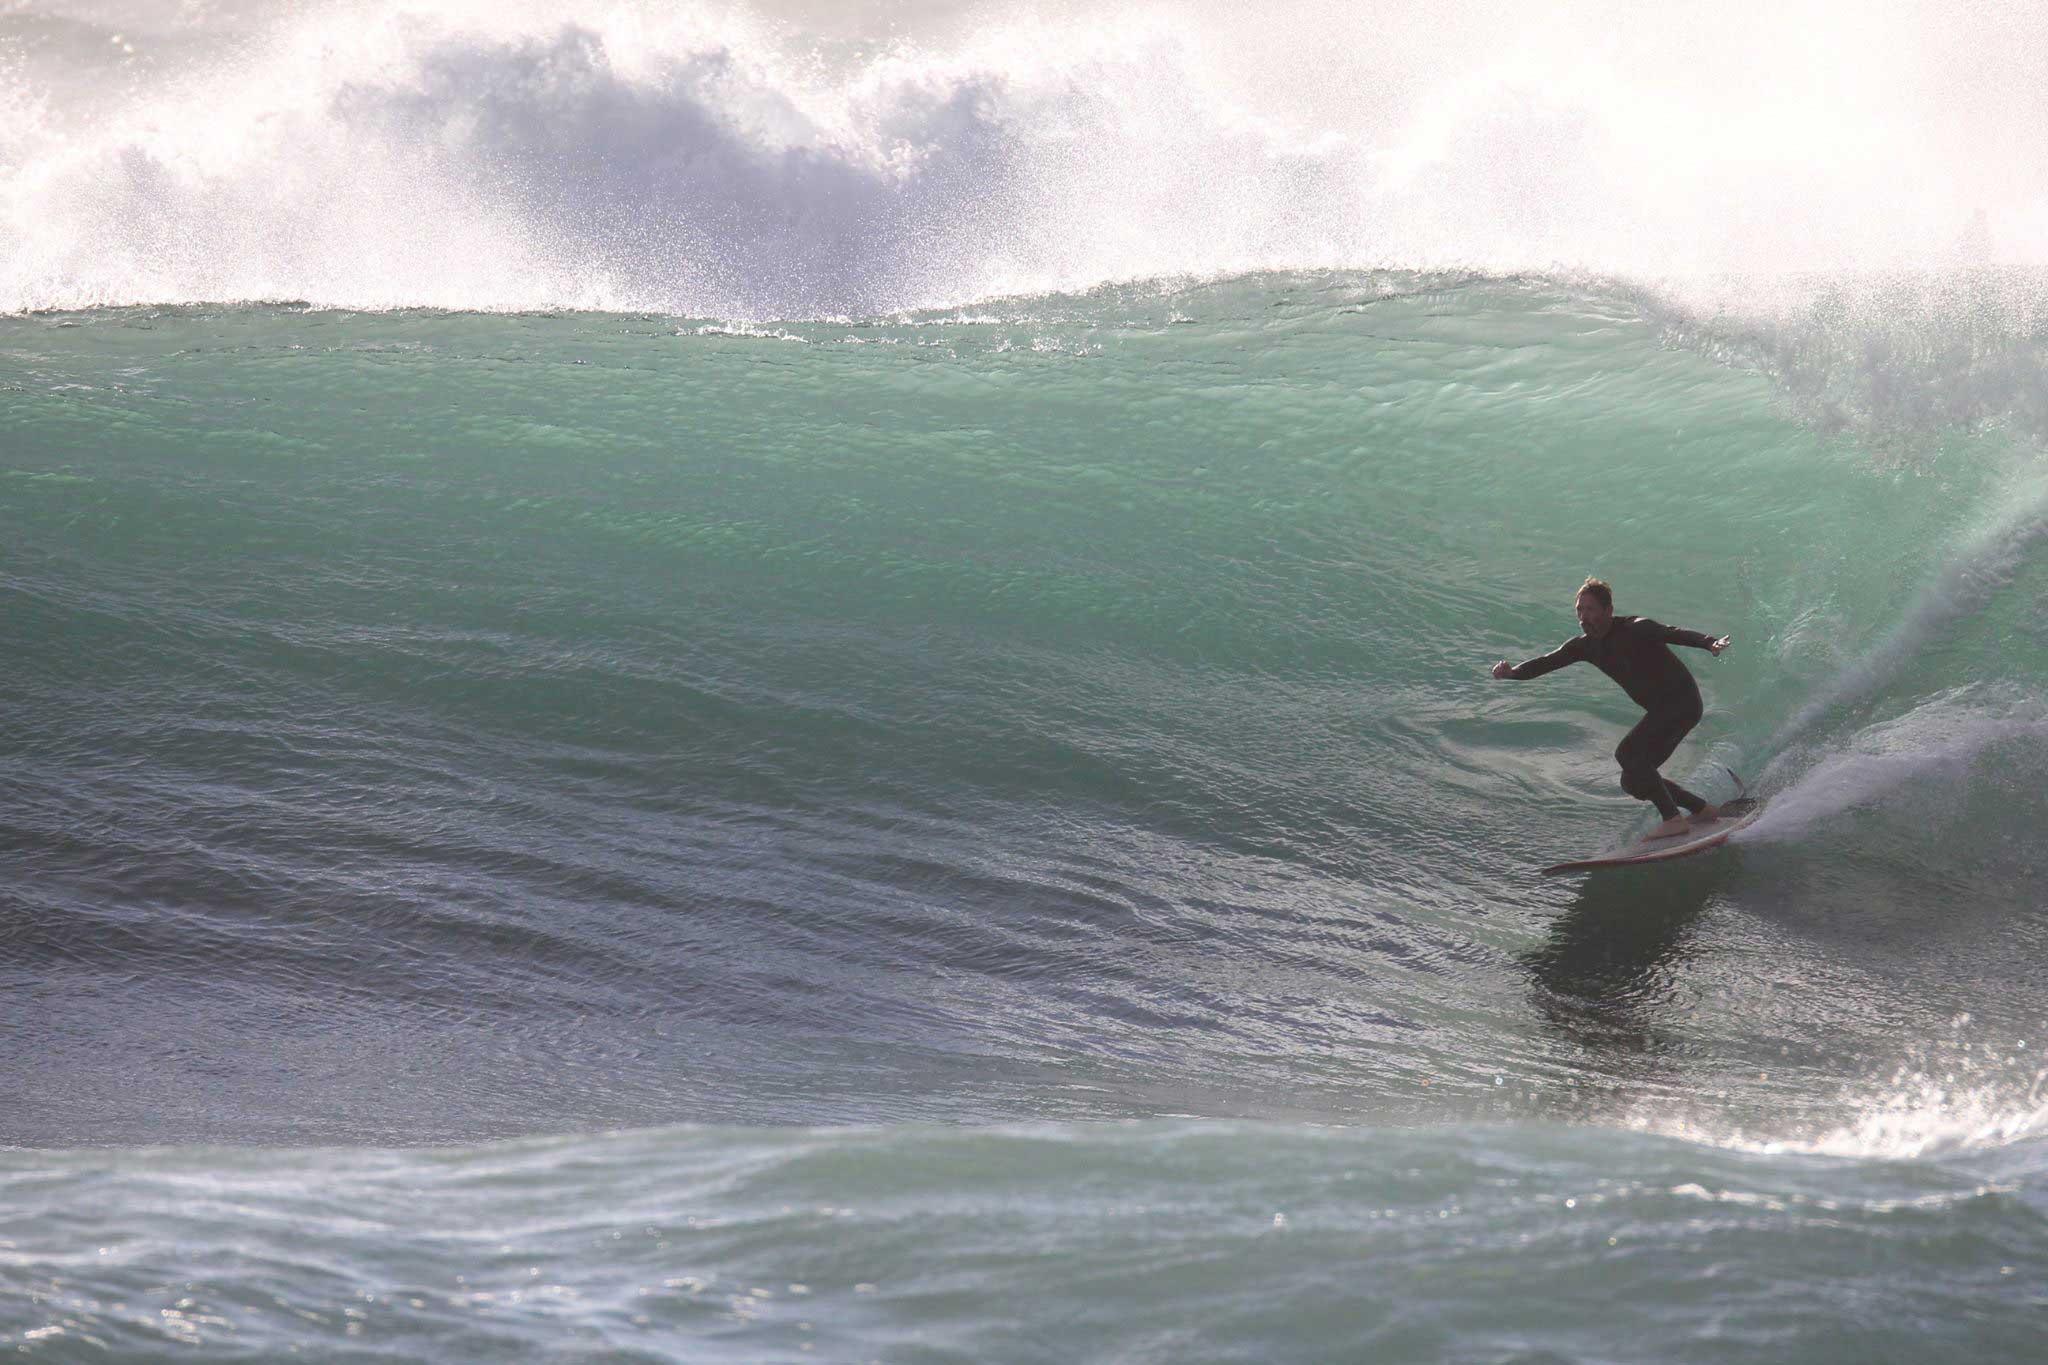 Eine Welle, die laut Uli Adrenalin garantiert.